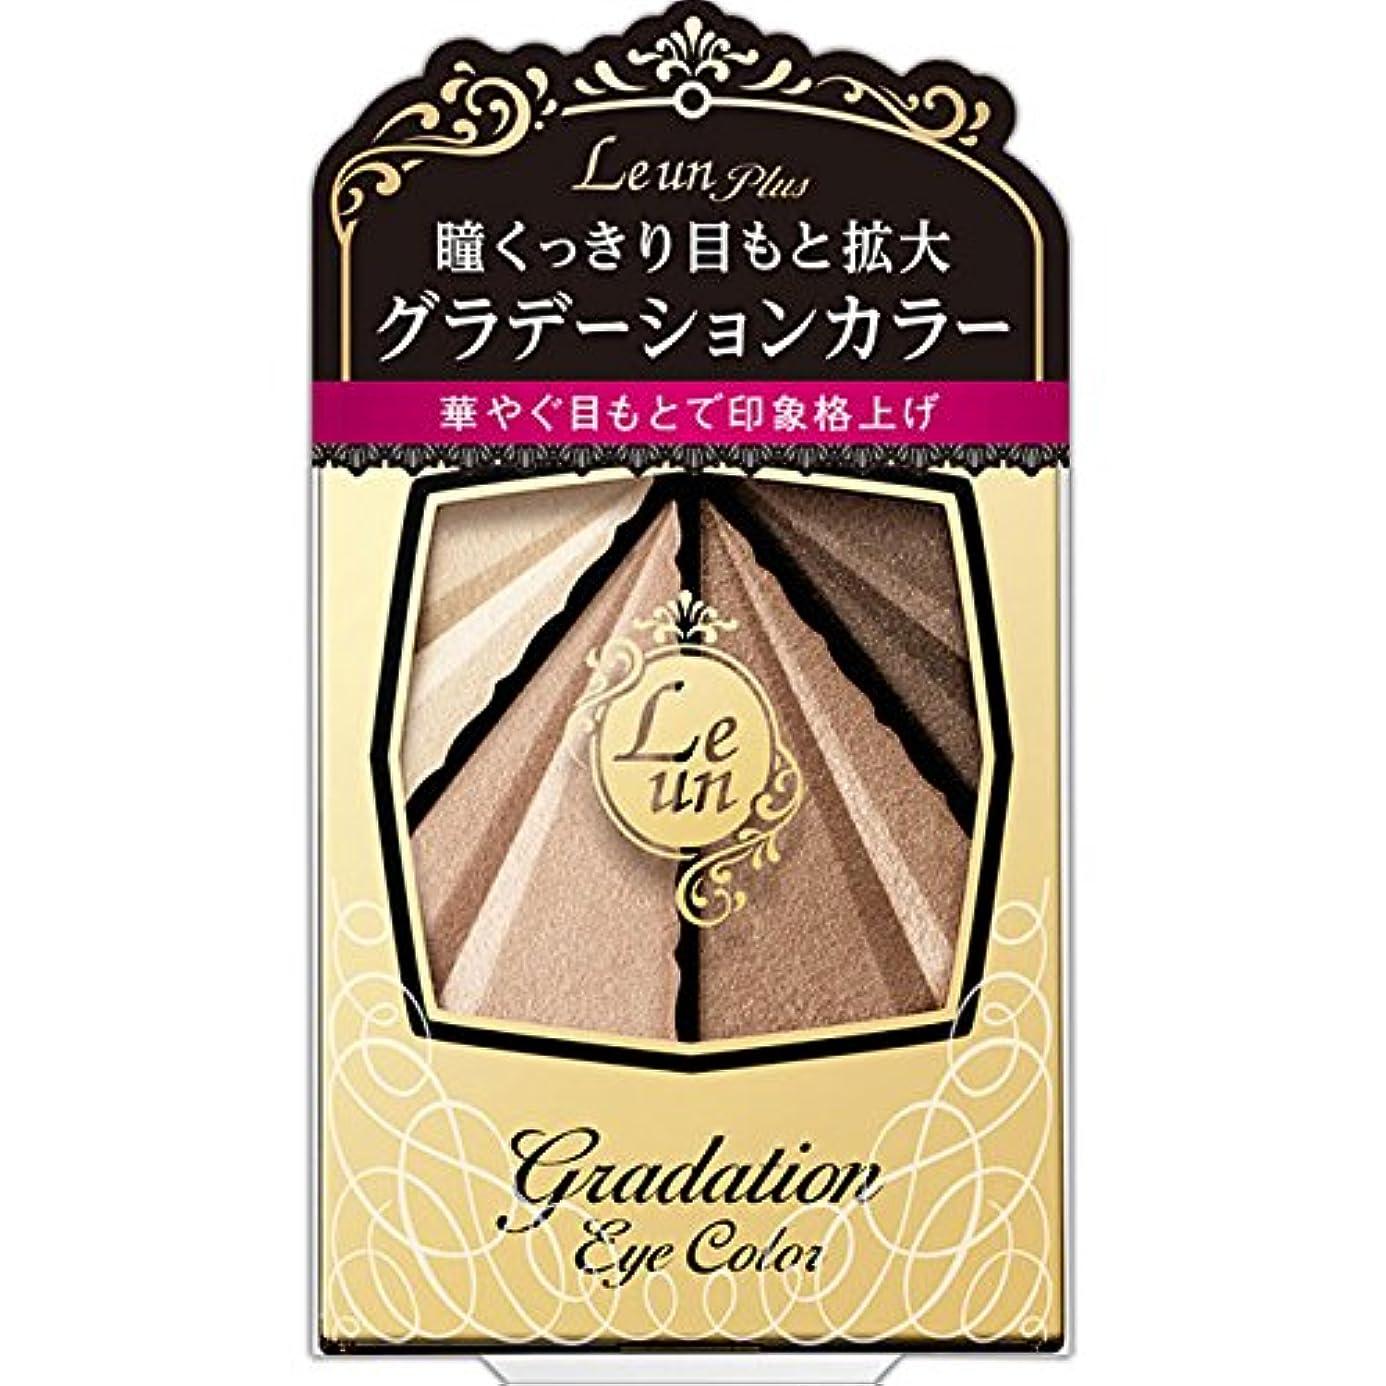 ルアン プリュス グラデーションアイカラー 01 ゴールドブラウン 3.4g